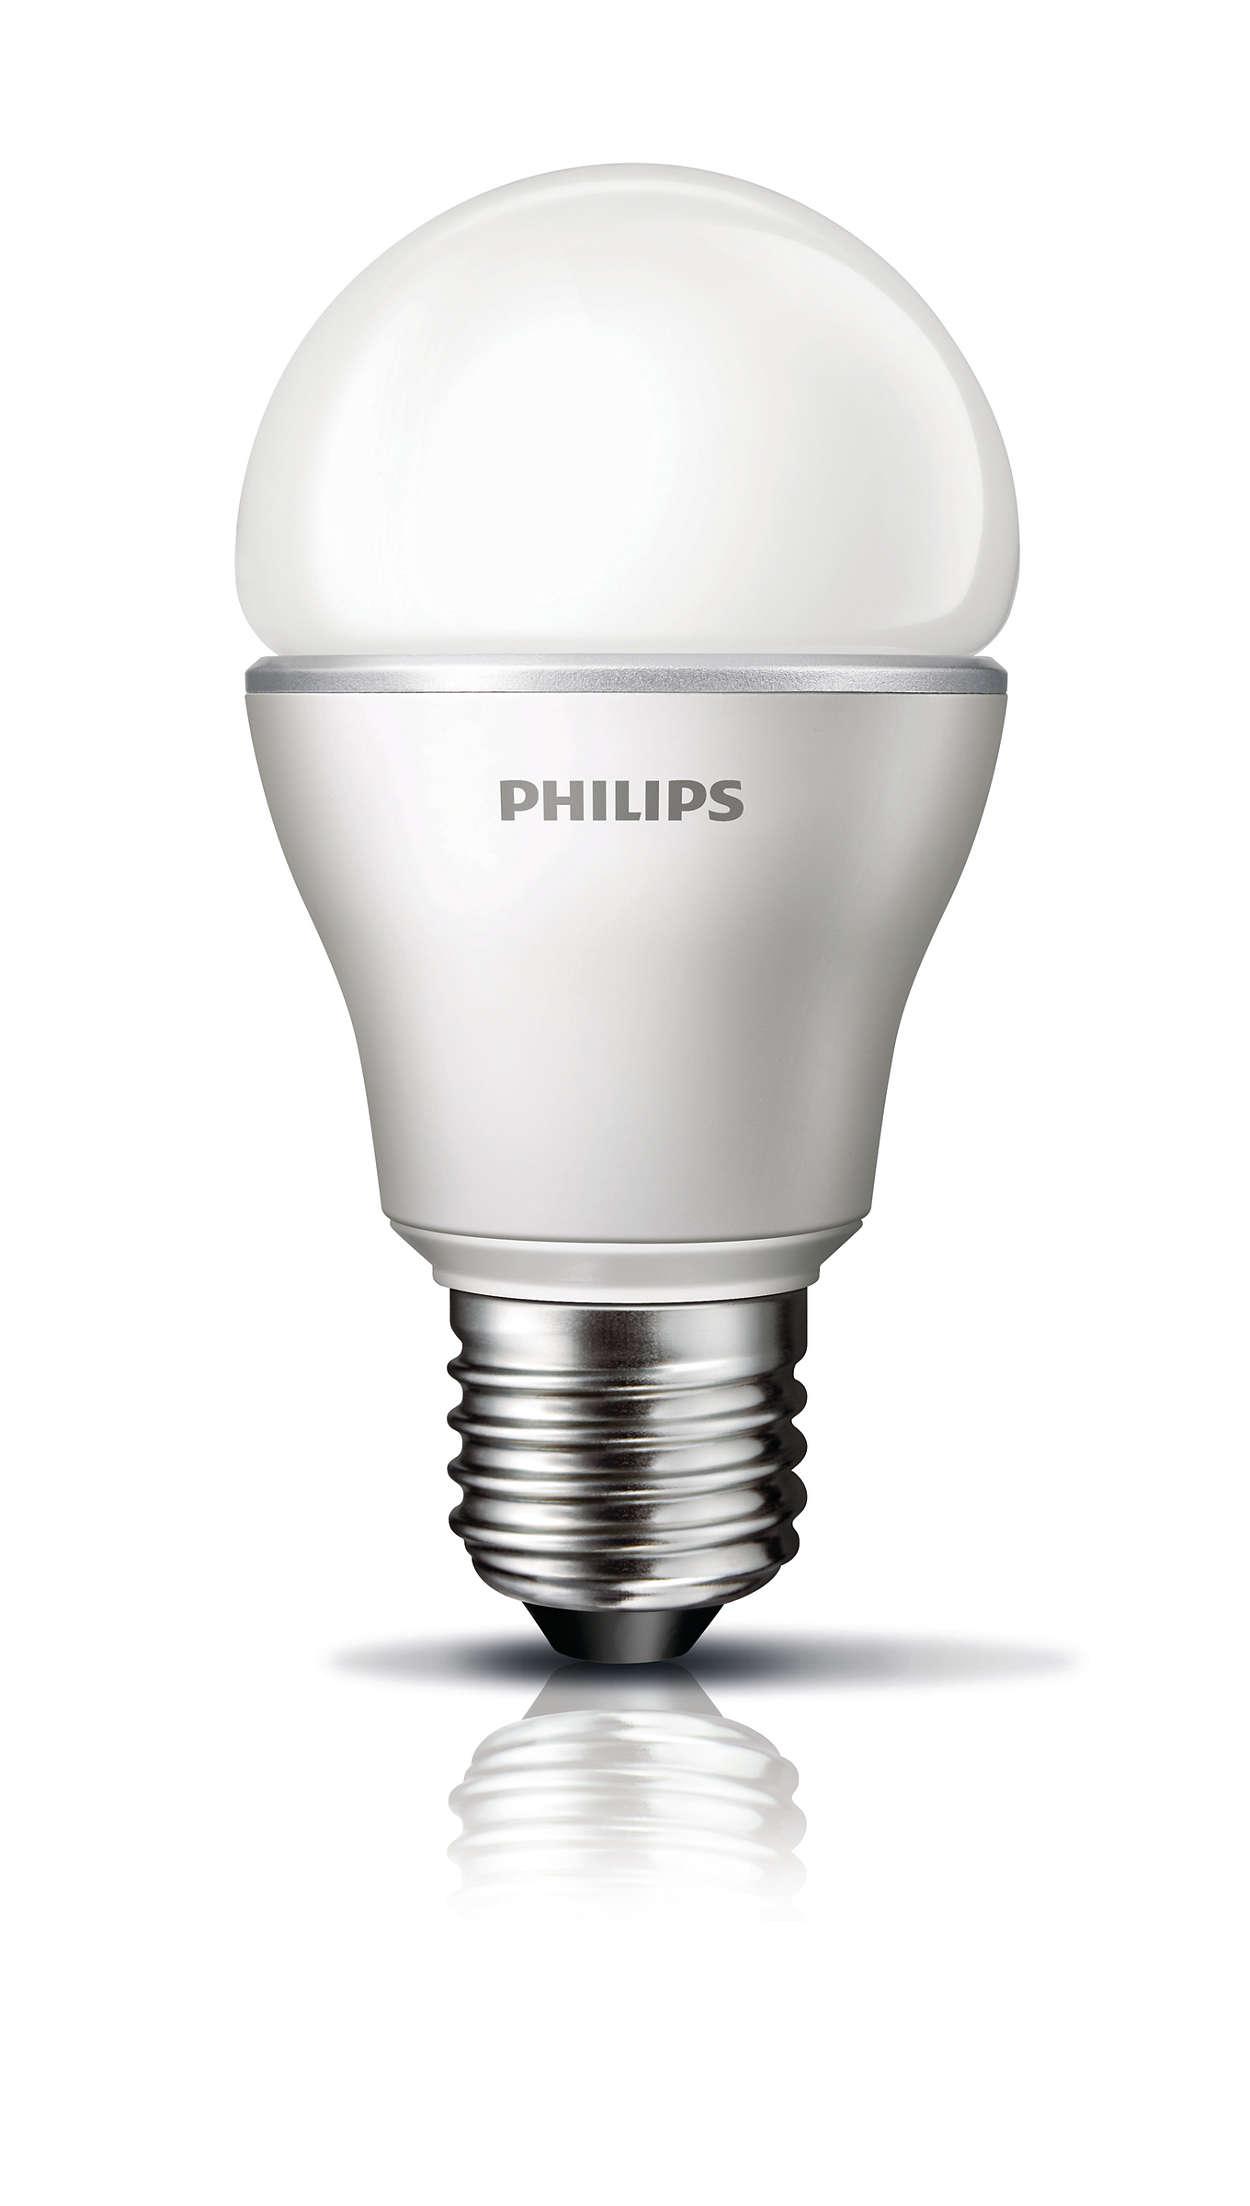 Myvision lampadina a led 872790089870500 philips for Lampadina lunga led